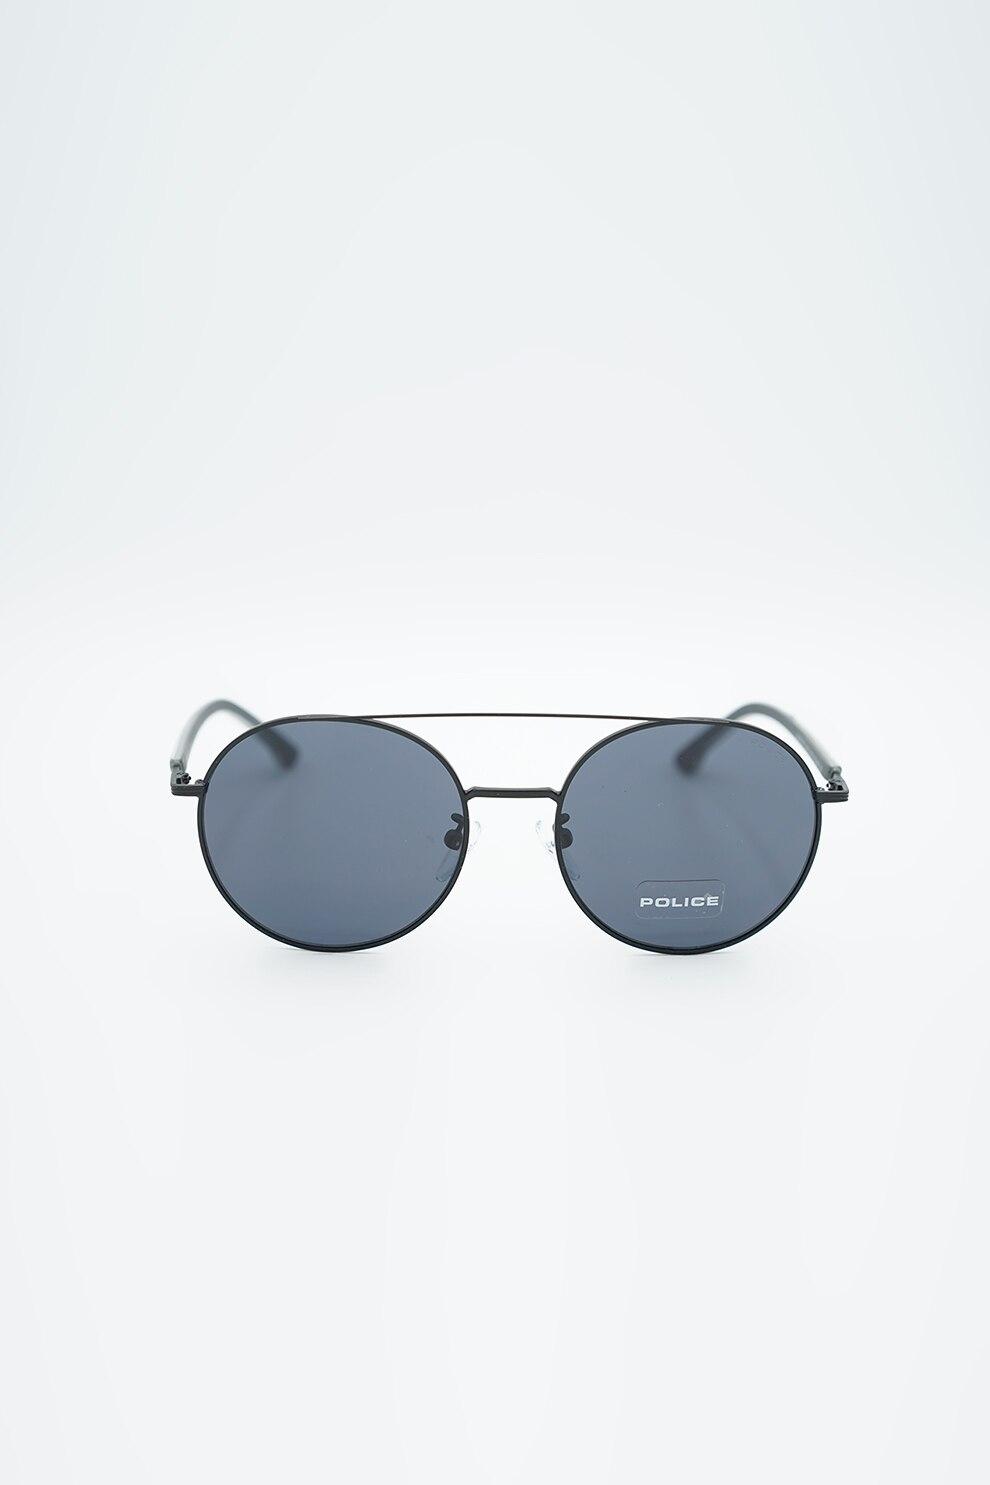 Police, Kerek napszemüveg fémkerettel, Grafit, 54 18 135 Standard